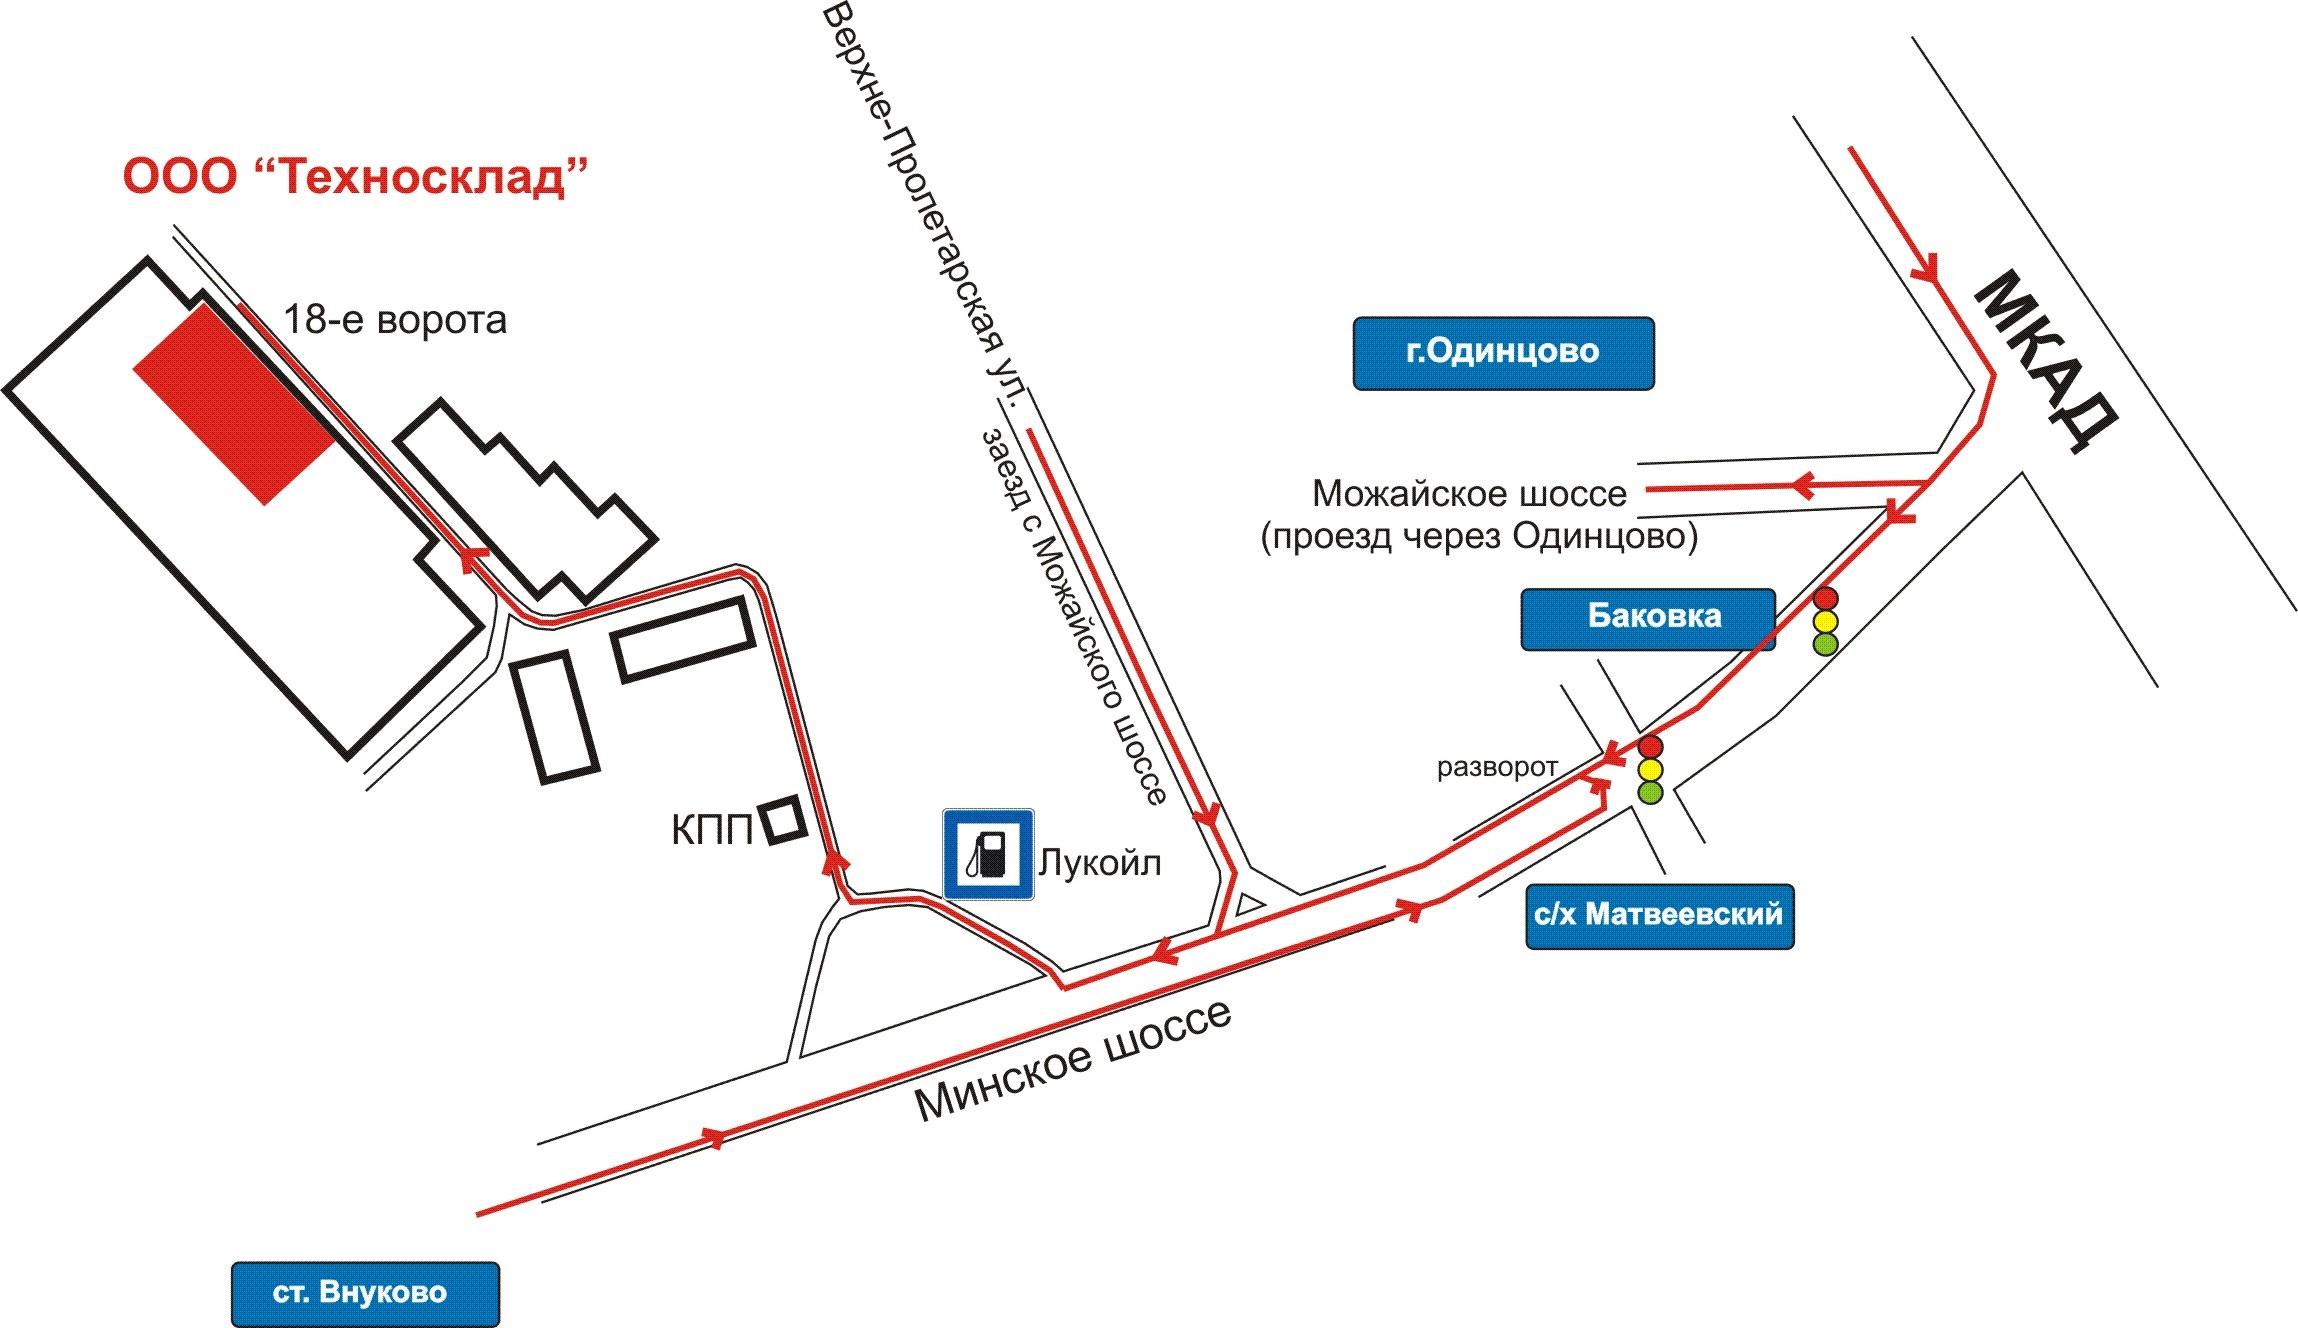 Схема проезда автобусов гомель фото 31